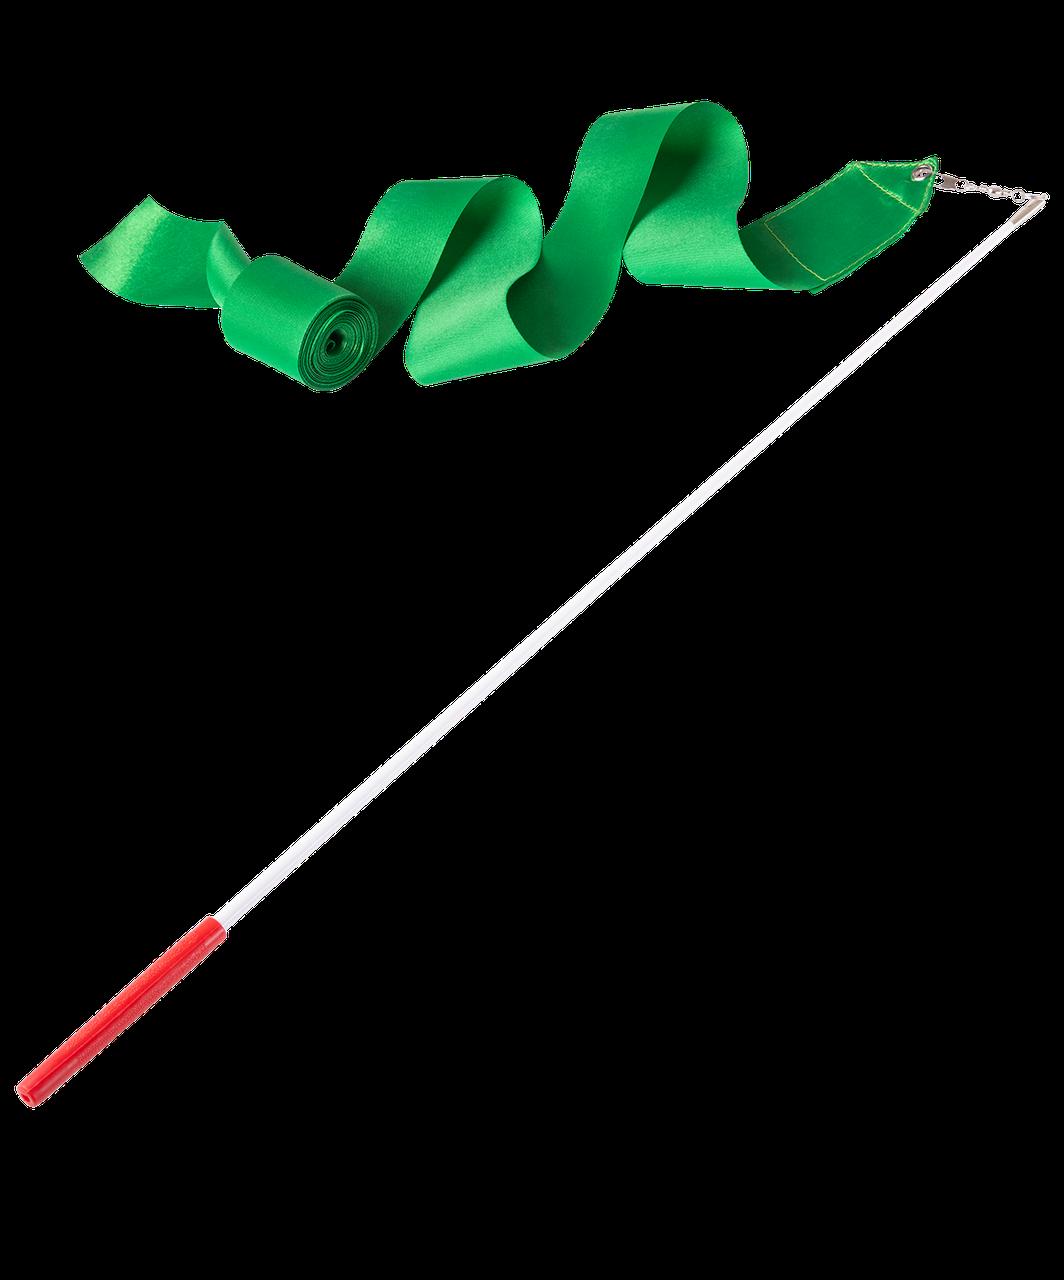 Лента для художественной гимнастики AGR-201 6м, с палочкой 56 см, зеленый